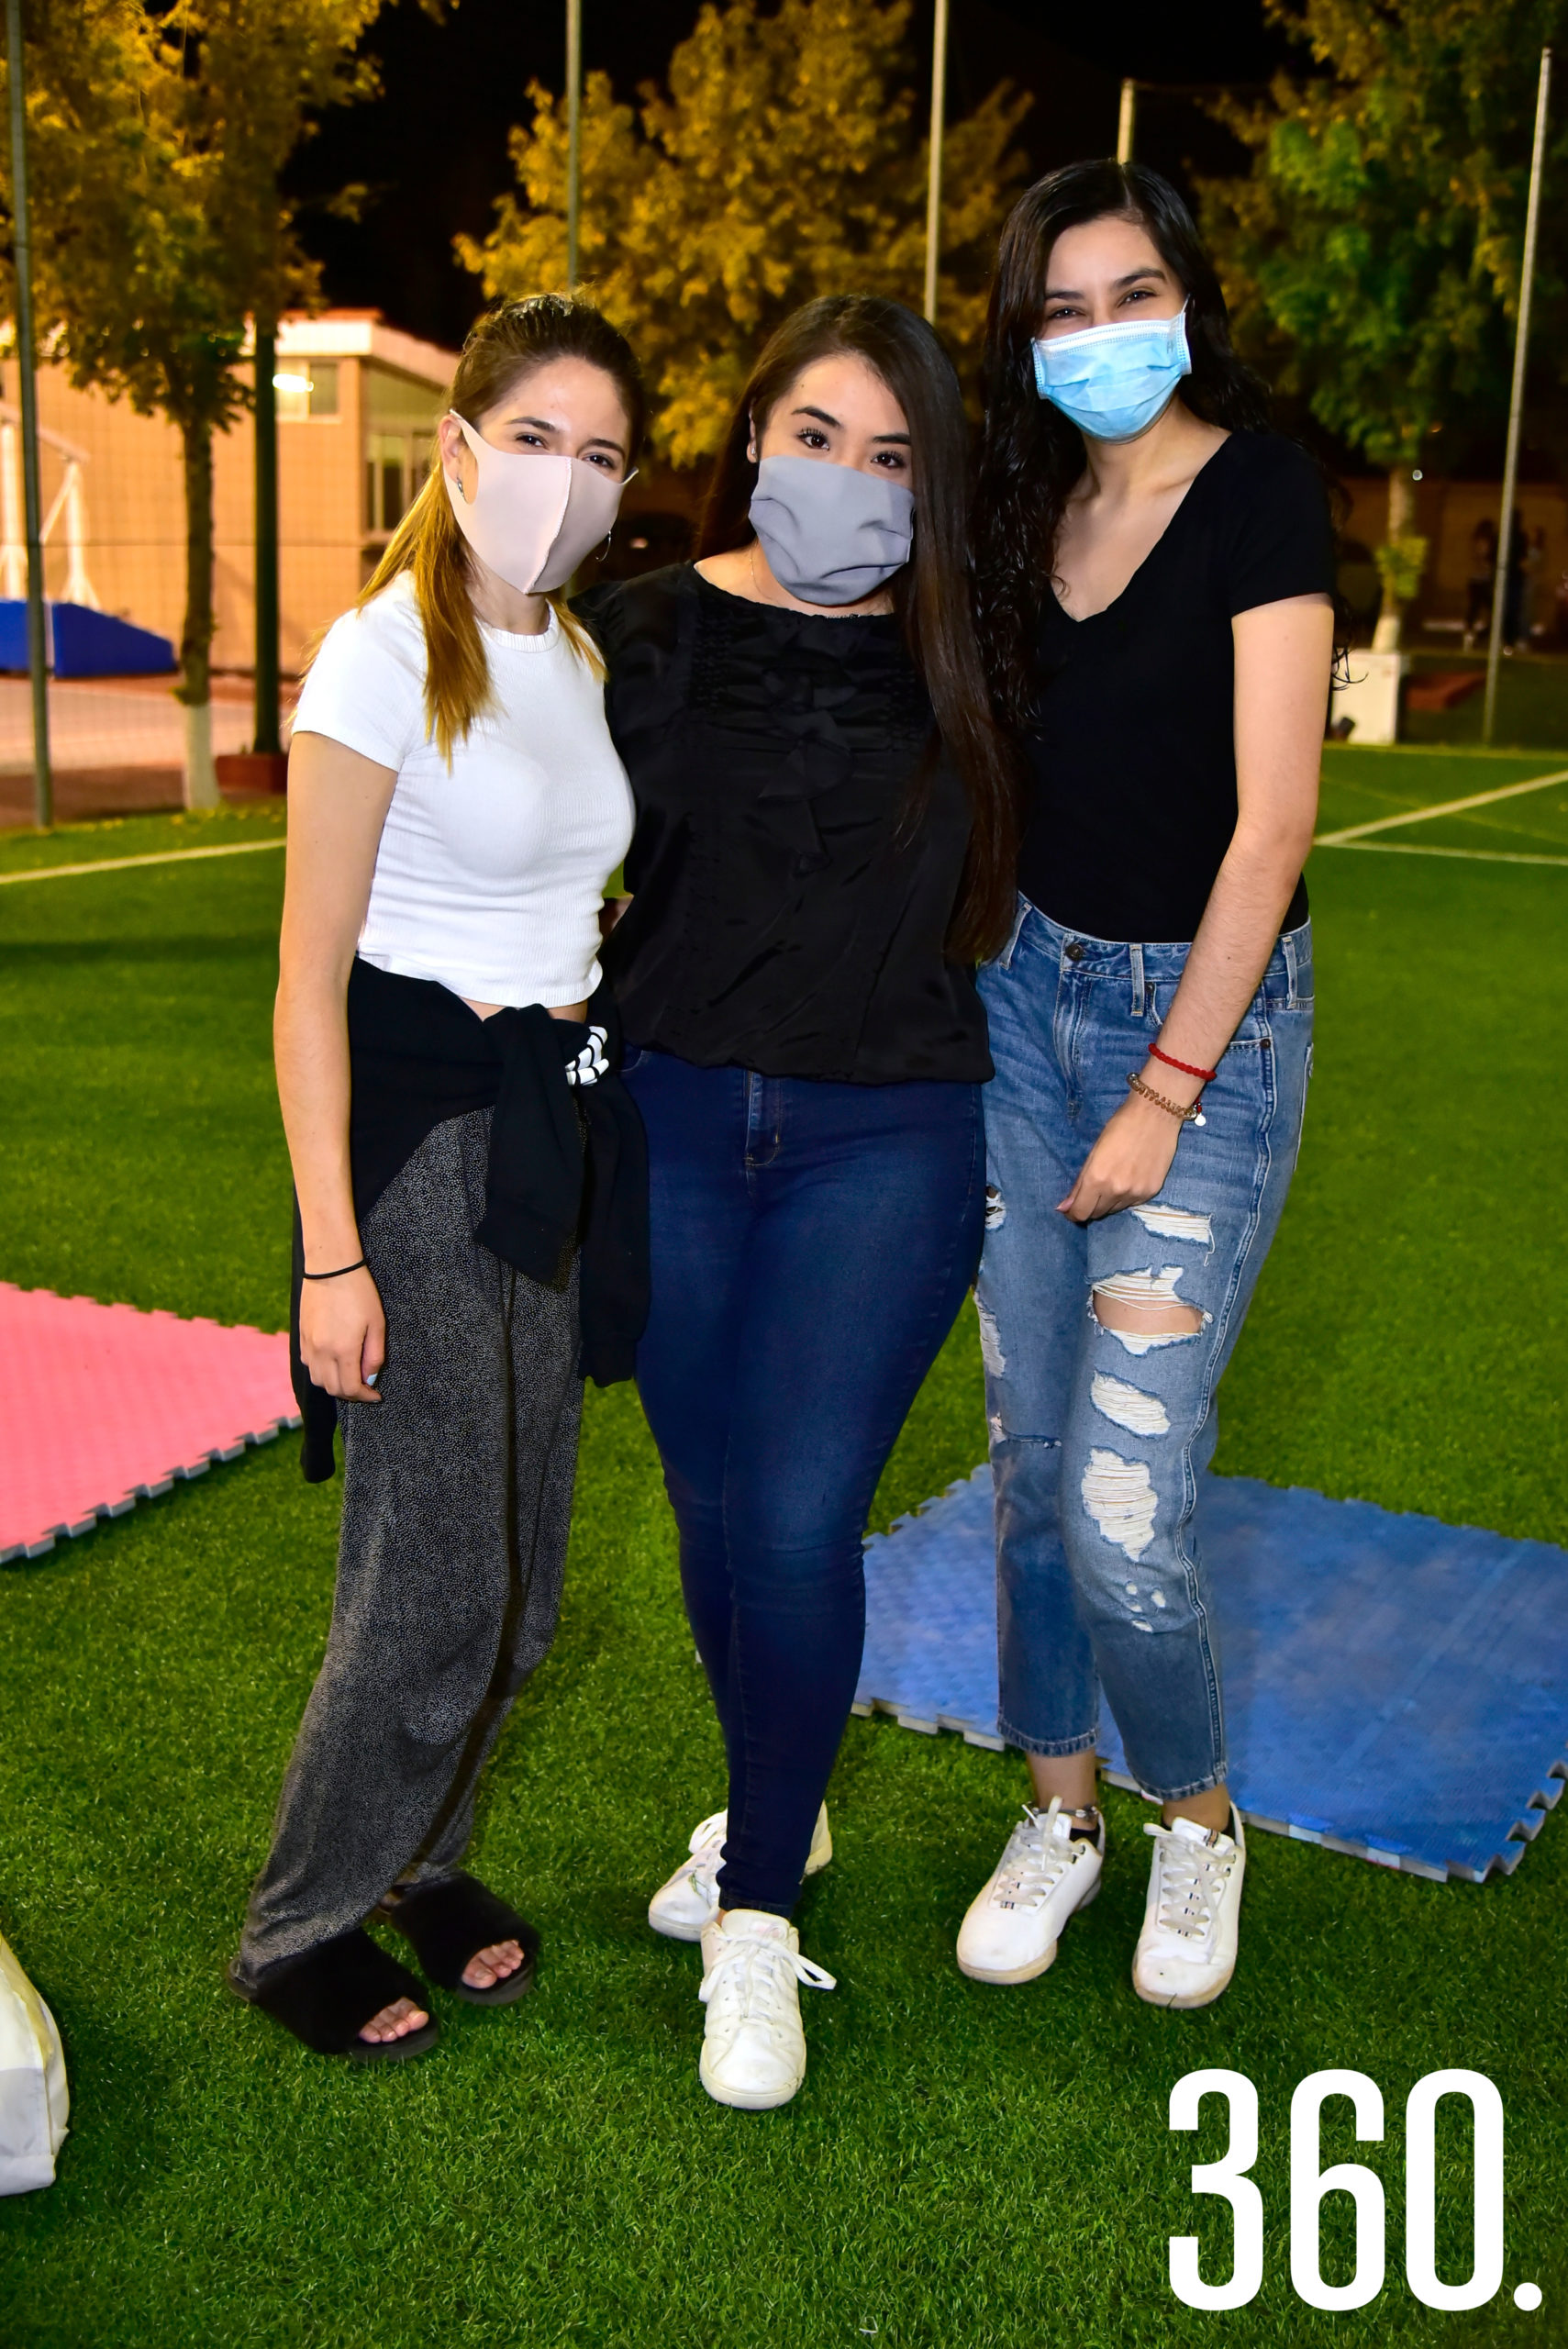 Mónica Mireles, Ana Rivera y Marjorie Almirudis.